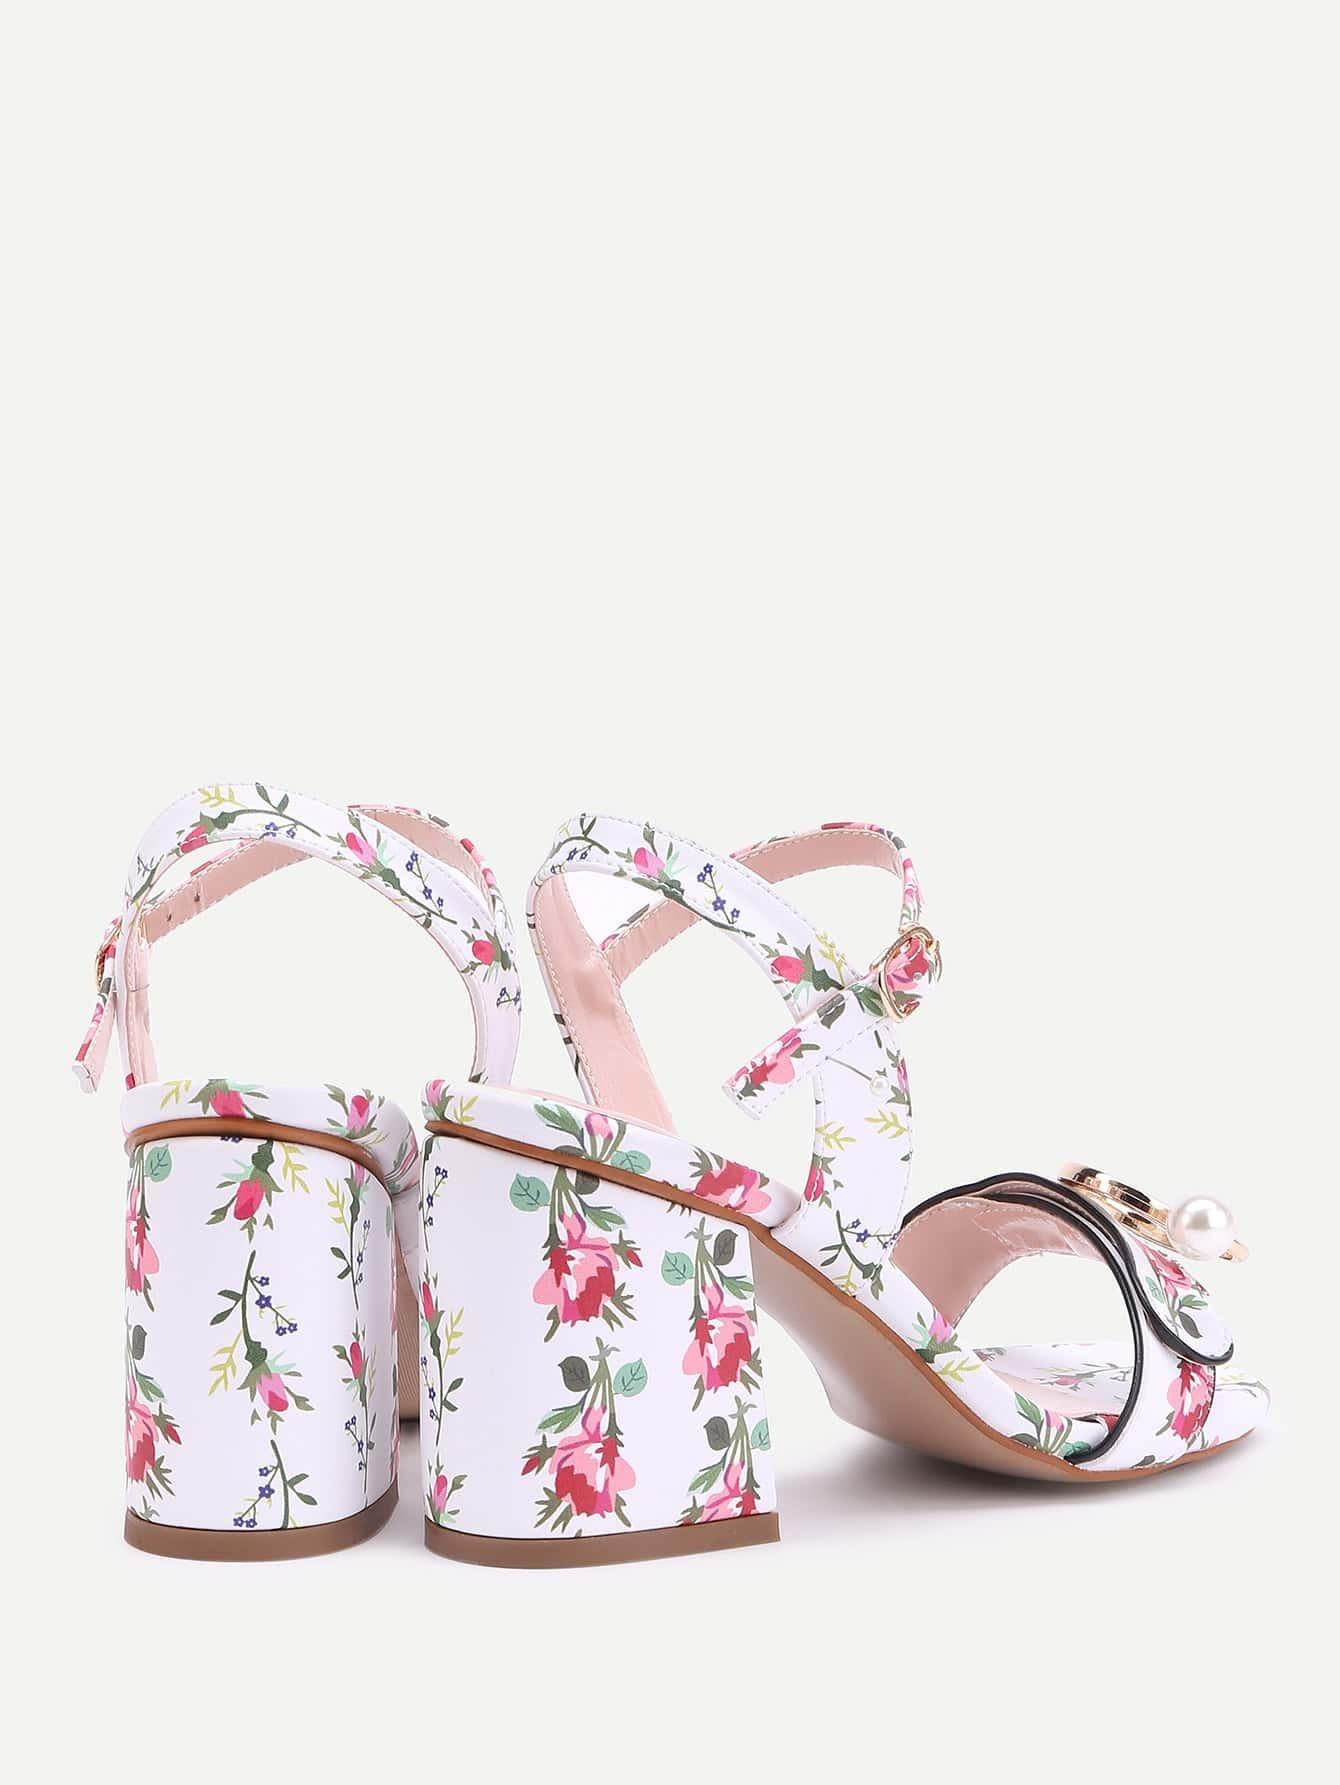 shoes170404803_2